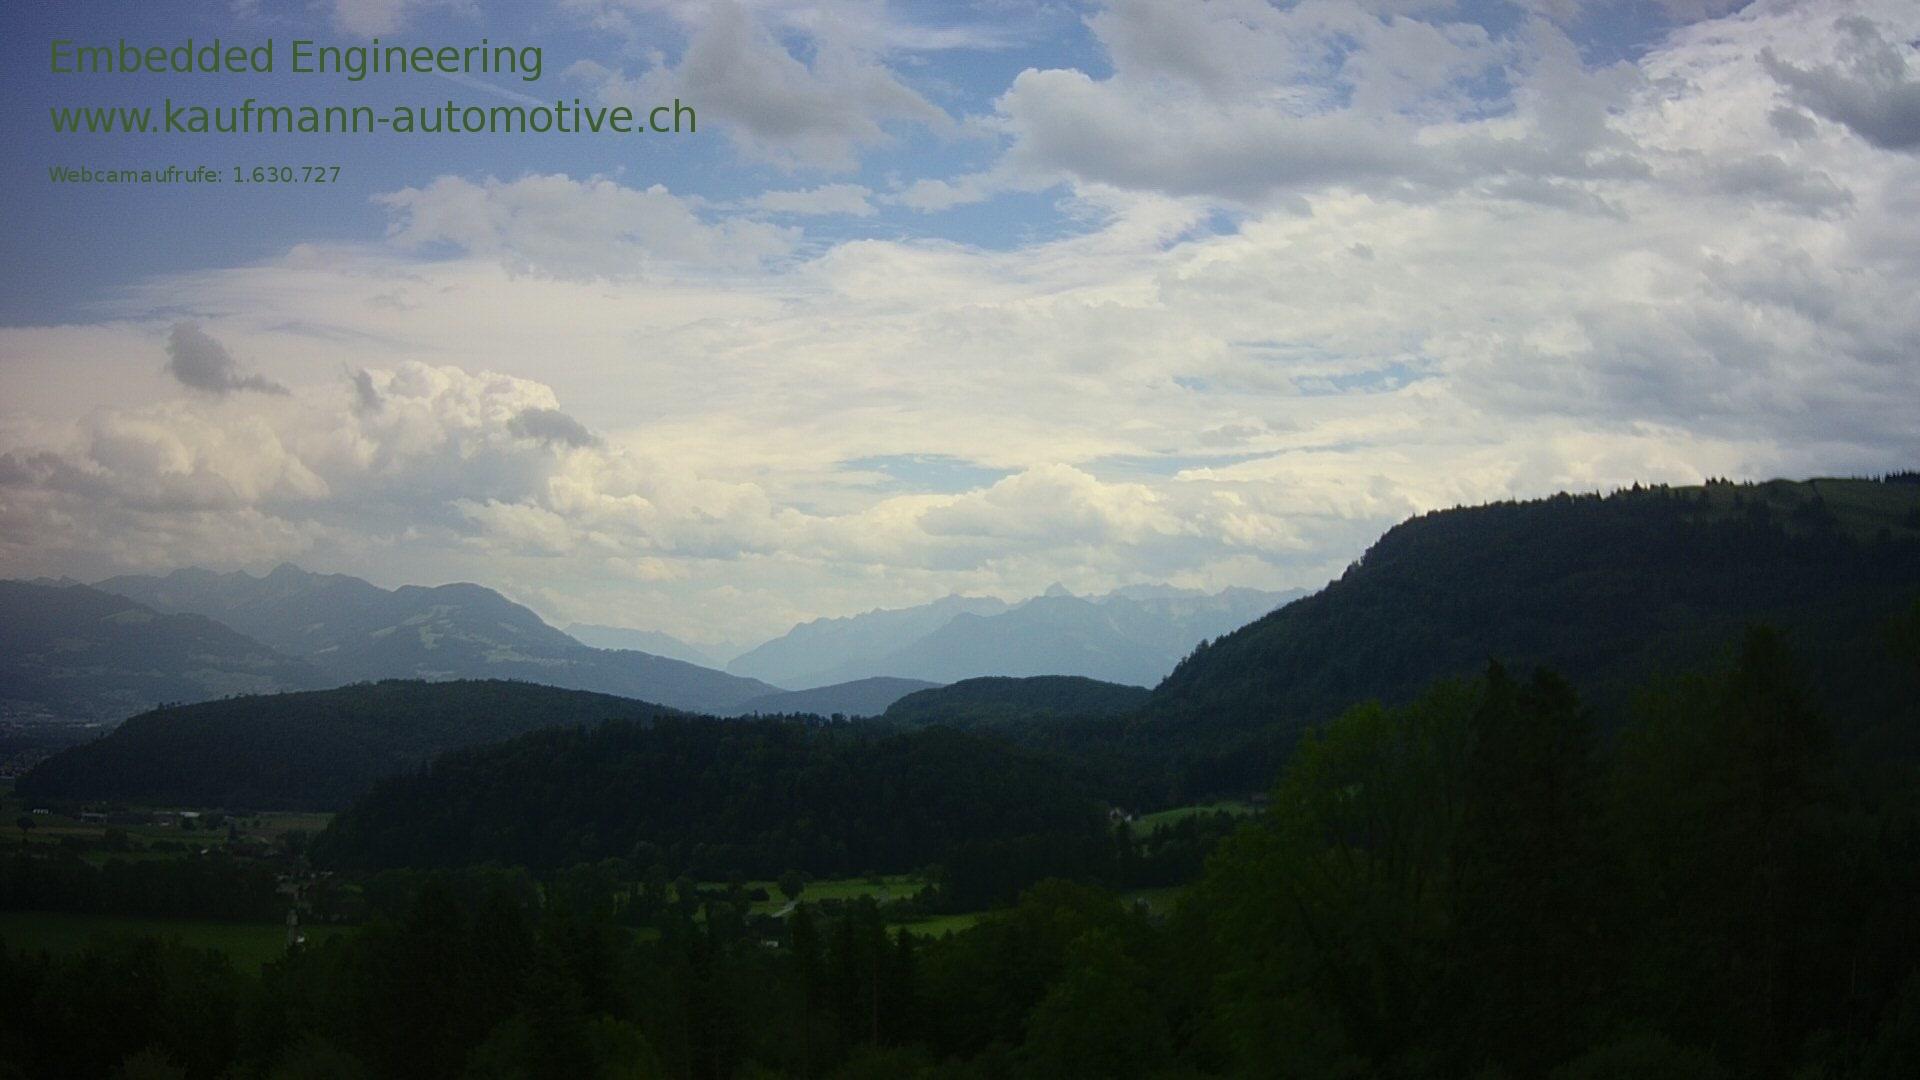 Eichberg Thu. 02:20